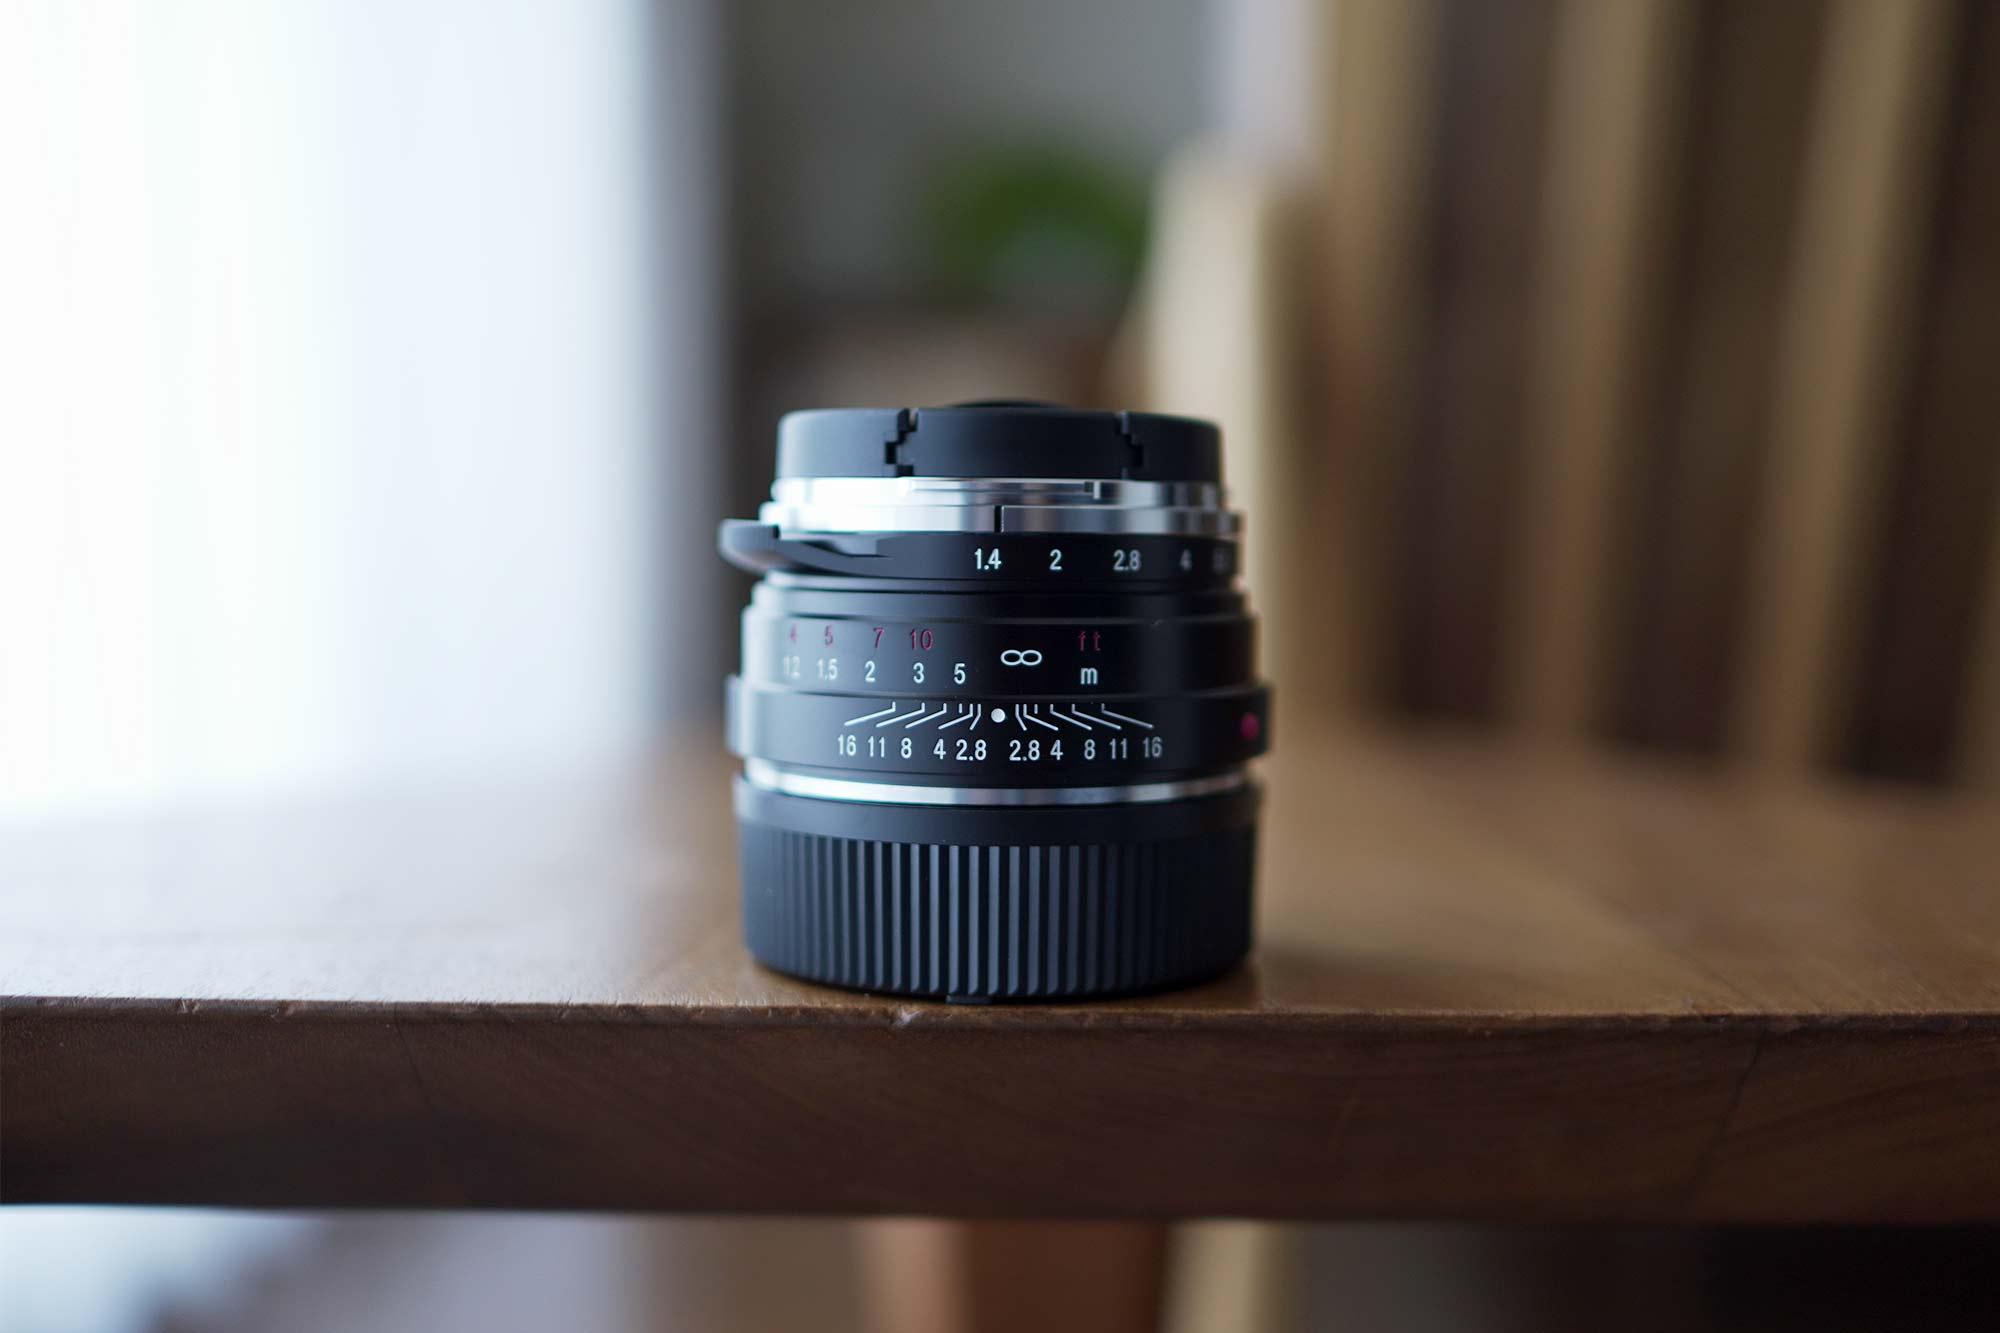 フォクトレンダー,カメラ,レンズ,クラシック,オールドレンズ,40mm,f1.4,小さい